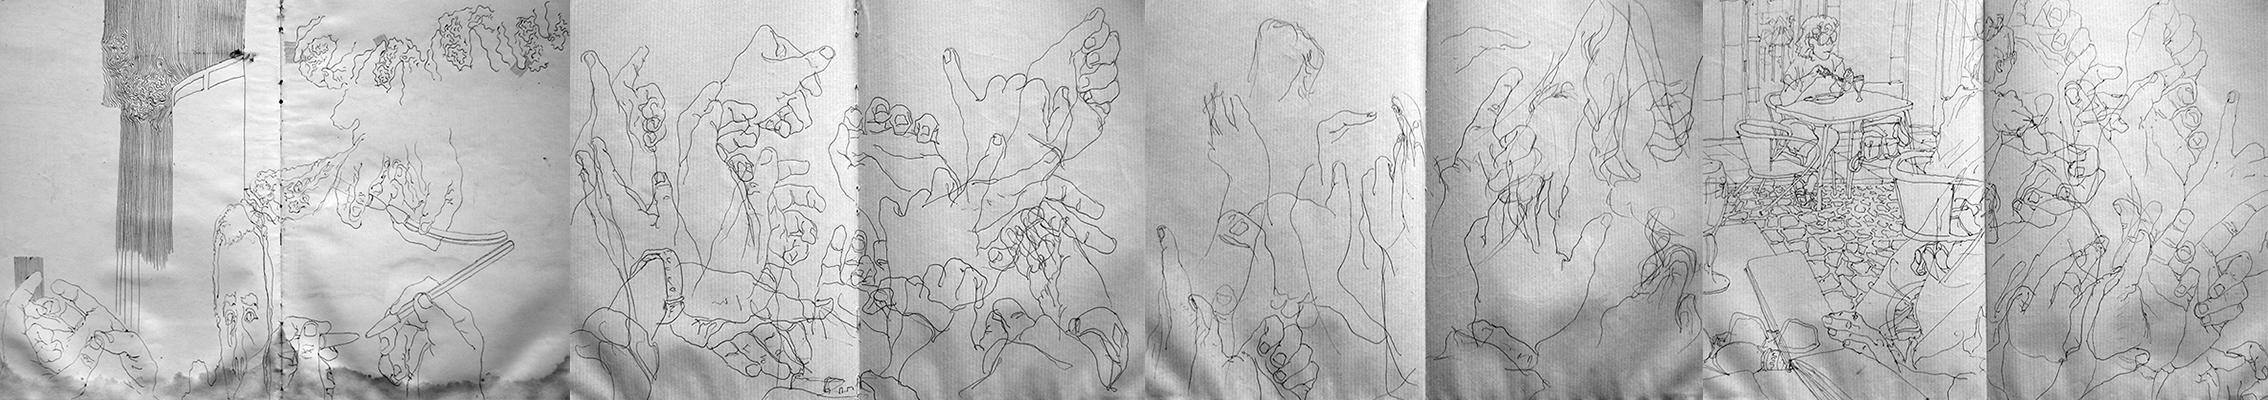 doodles_hands_drawing_grande_004